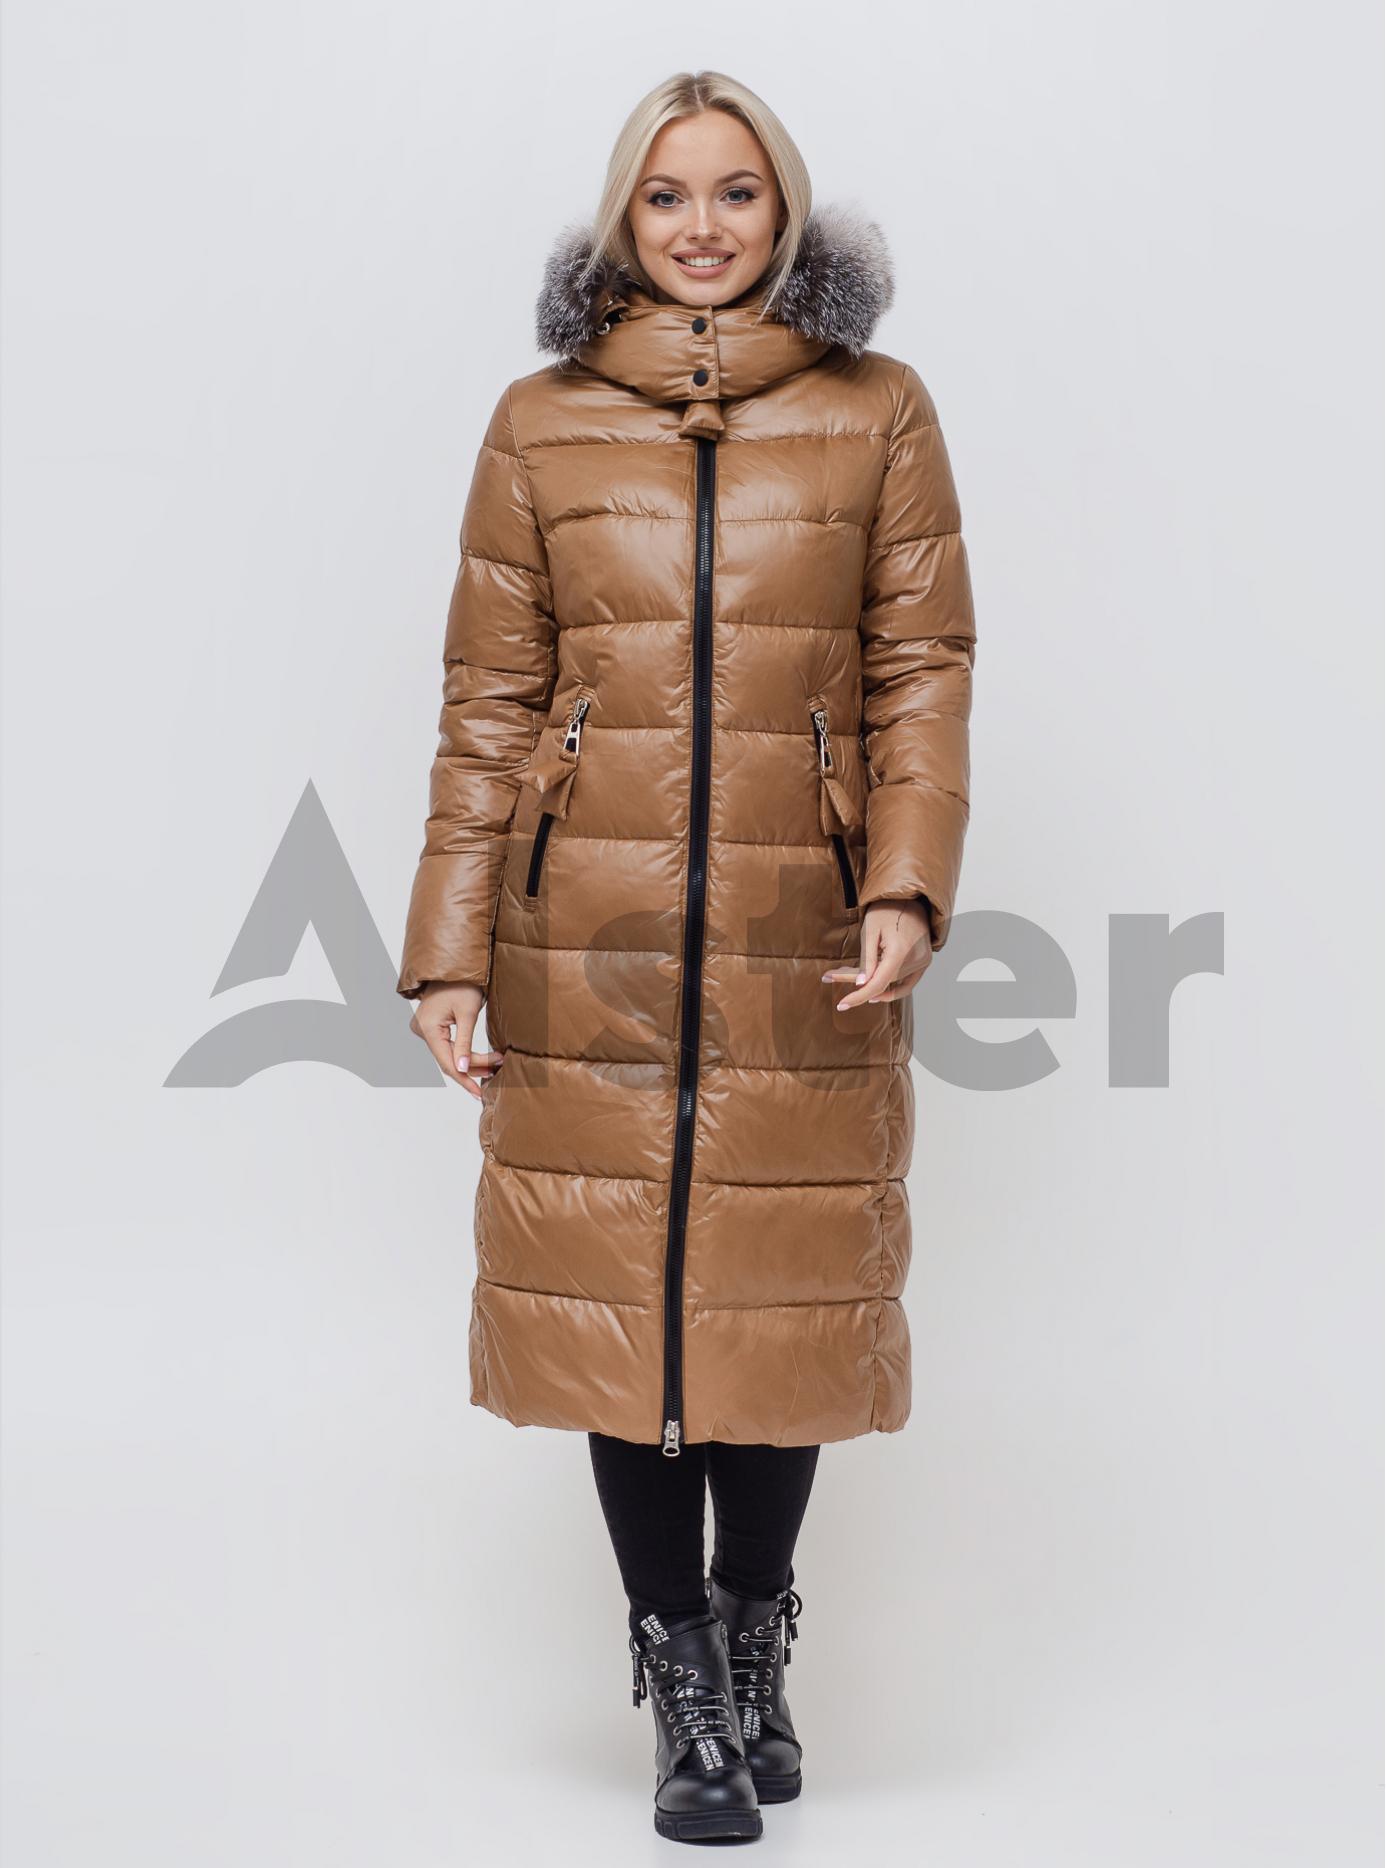 Куртка зимняя женская с мехом Светло-коричневый S (06-KL201115): фото - Alster.ua